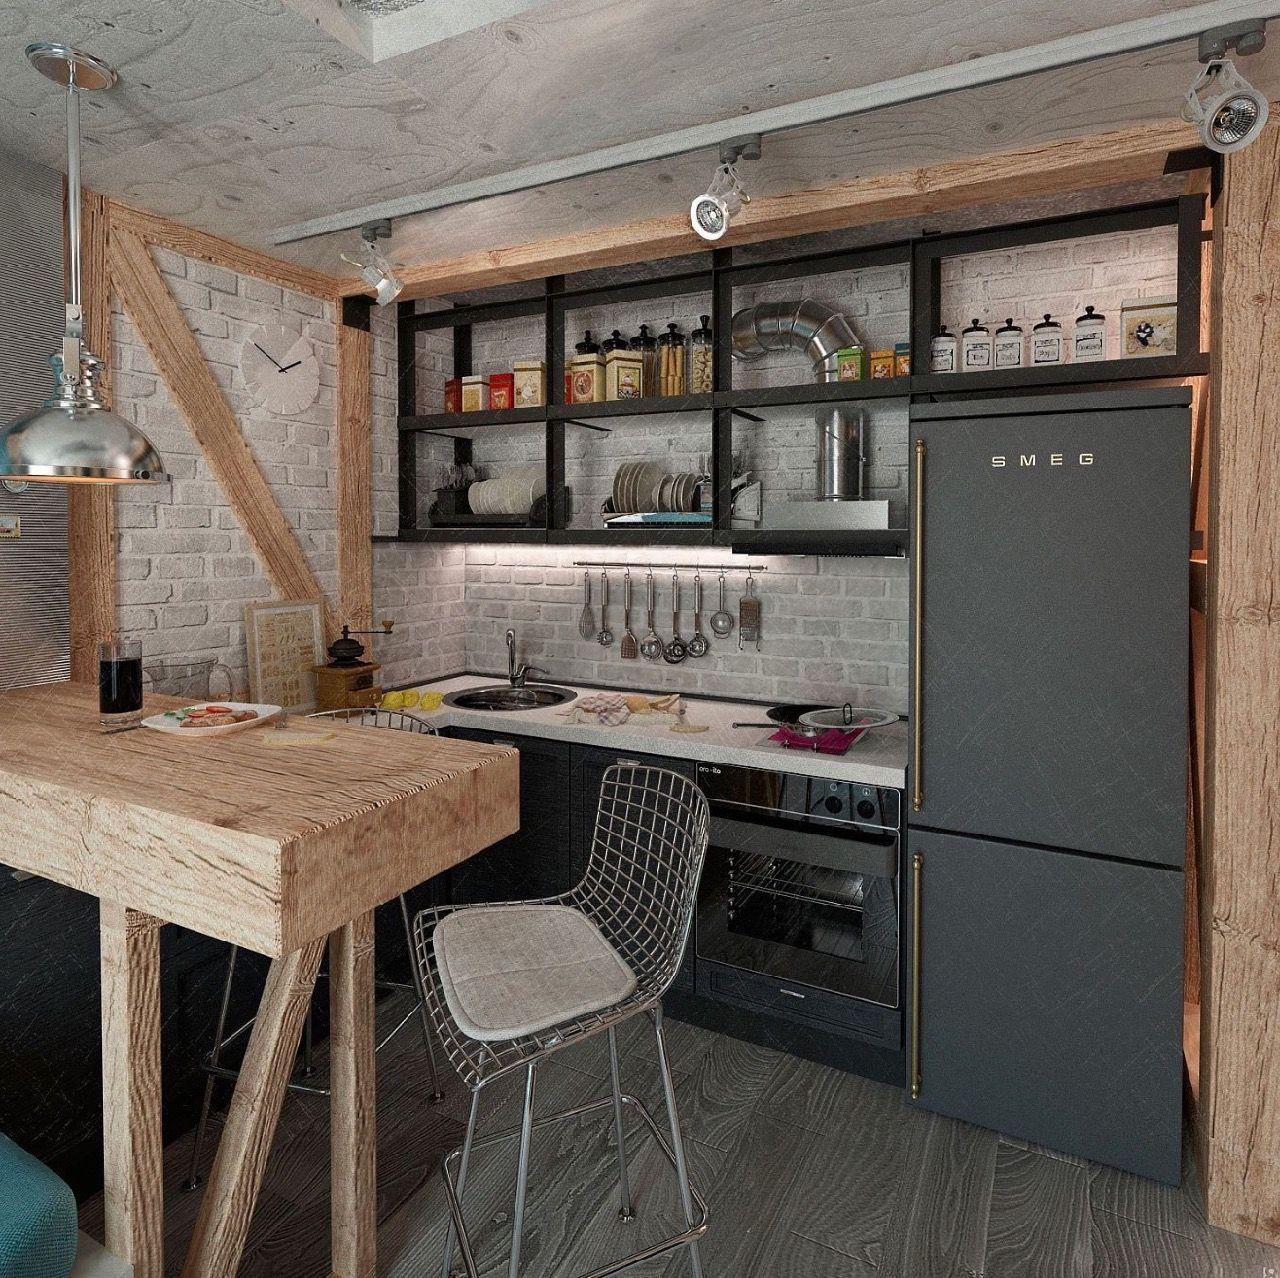 кухня в стиле лофт в хрущевке фото 16 тыс изображений найдено в